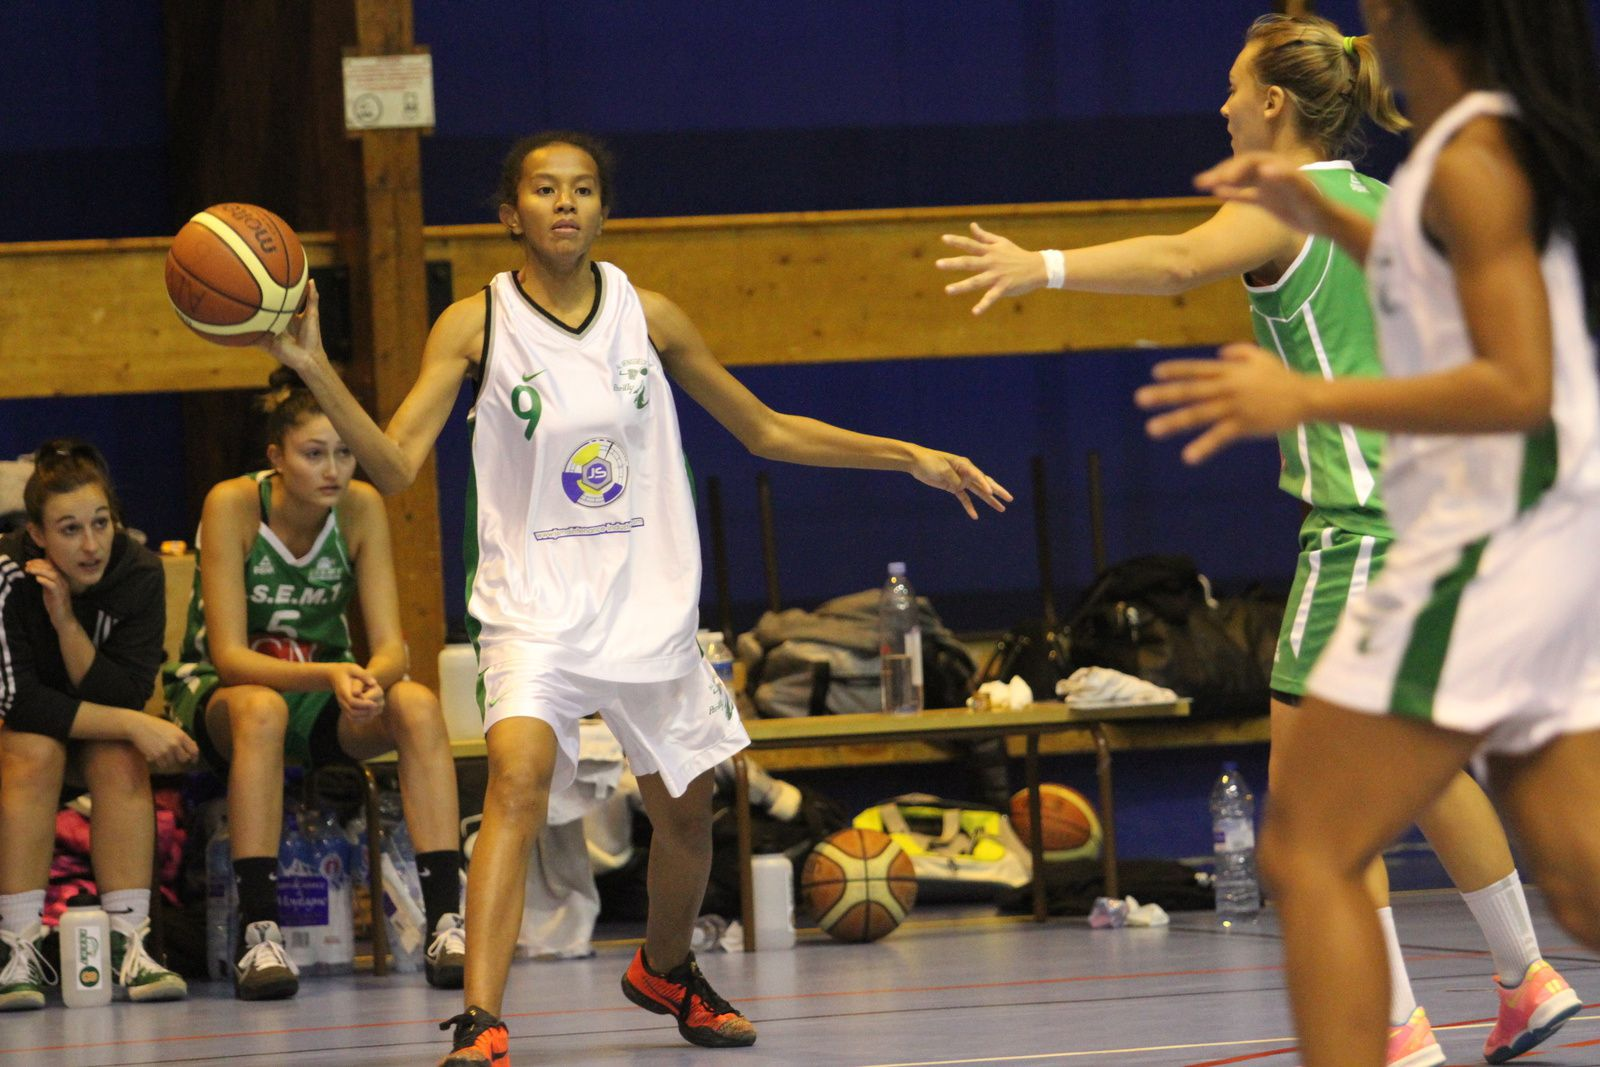 Ce dimanche les basketteuses de Parilly ont obtenu une victoire qui leur donne la seconde place au classement